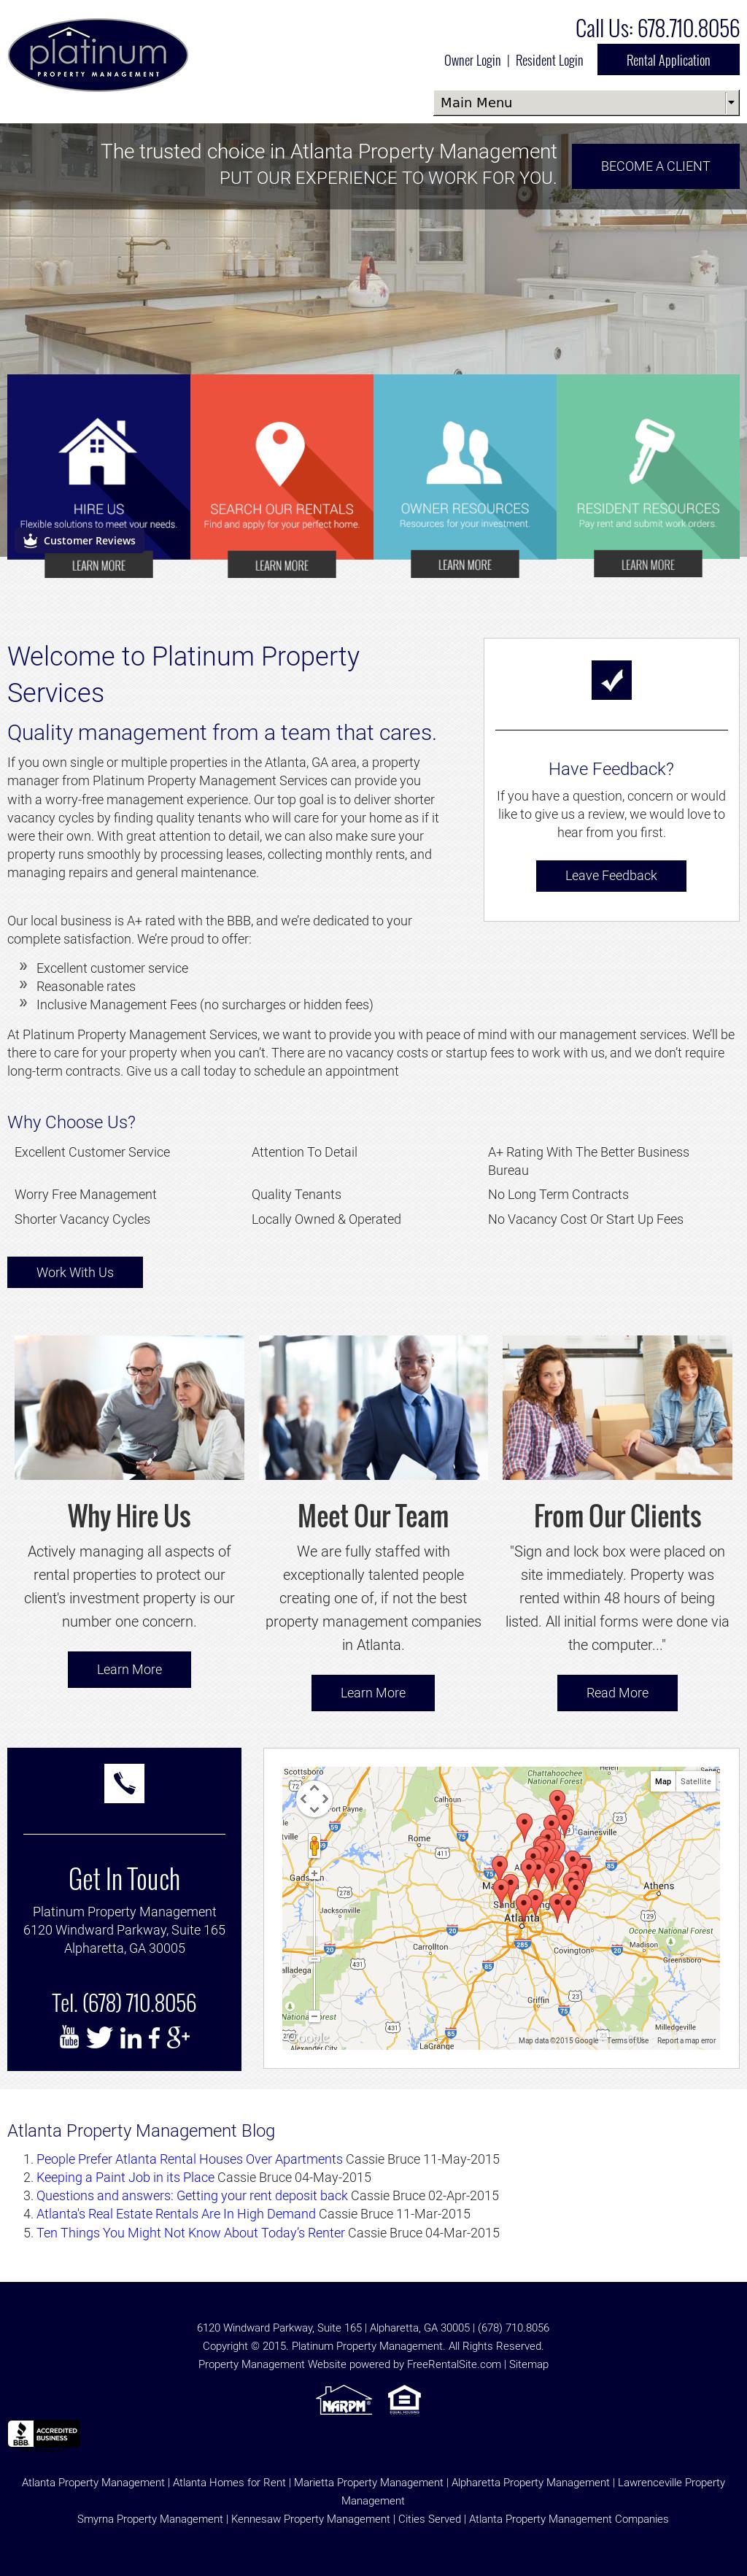 Platinum Property Management Services Competitors, Revenue